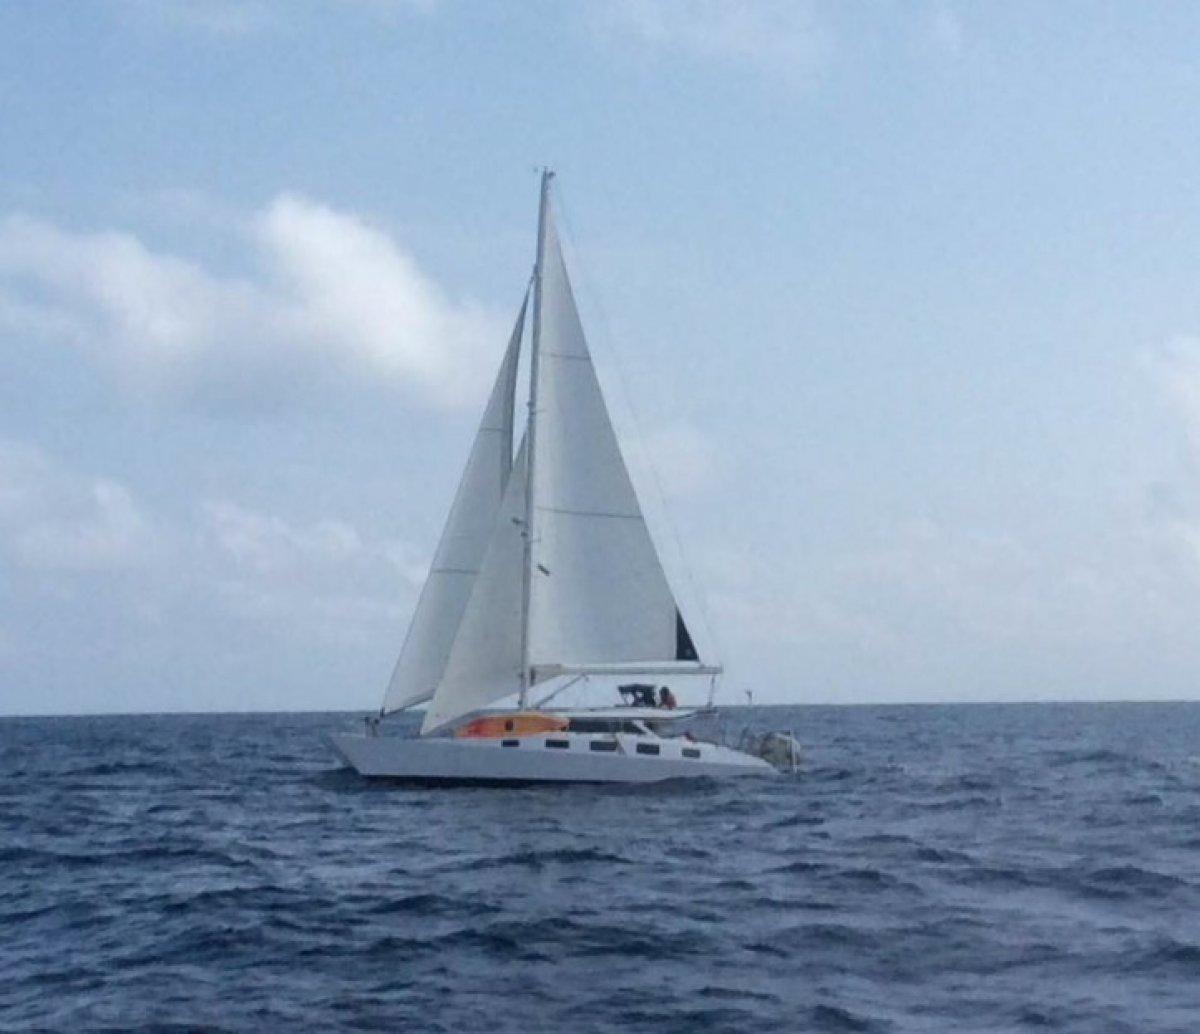 Kelsall Catamaran 52